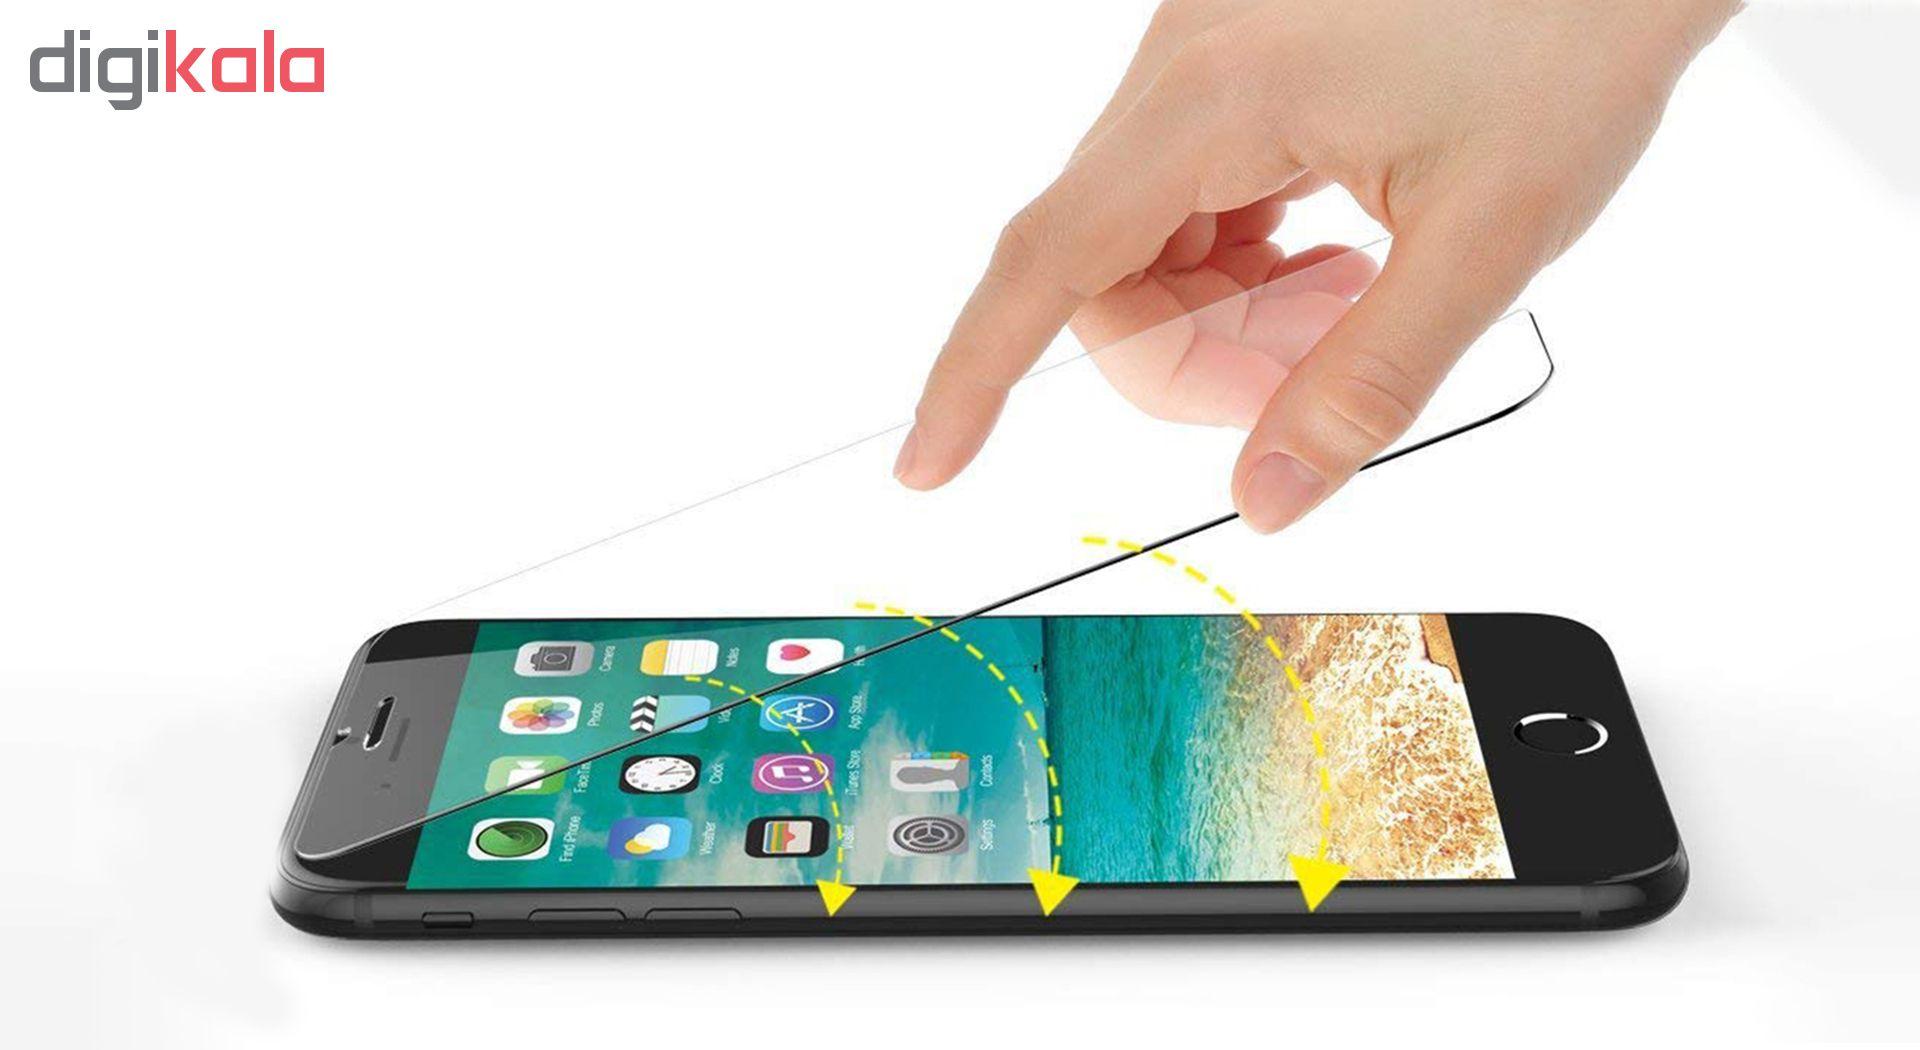 محافظ صفحه نمایش گلدن ایگل مدل Brilliant Shield مناسب برای گوشی اپل آیفون 7/8 پلاس main 1 3